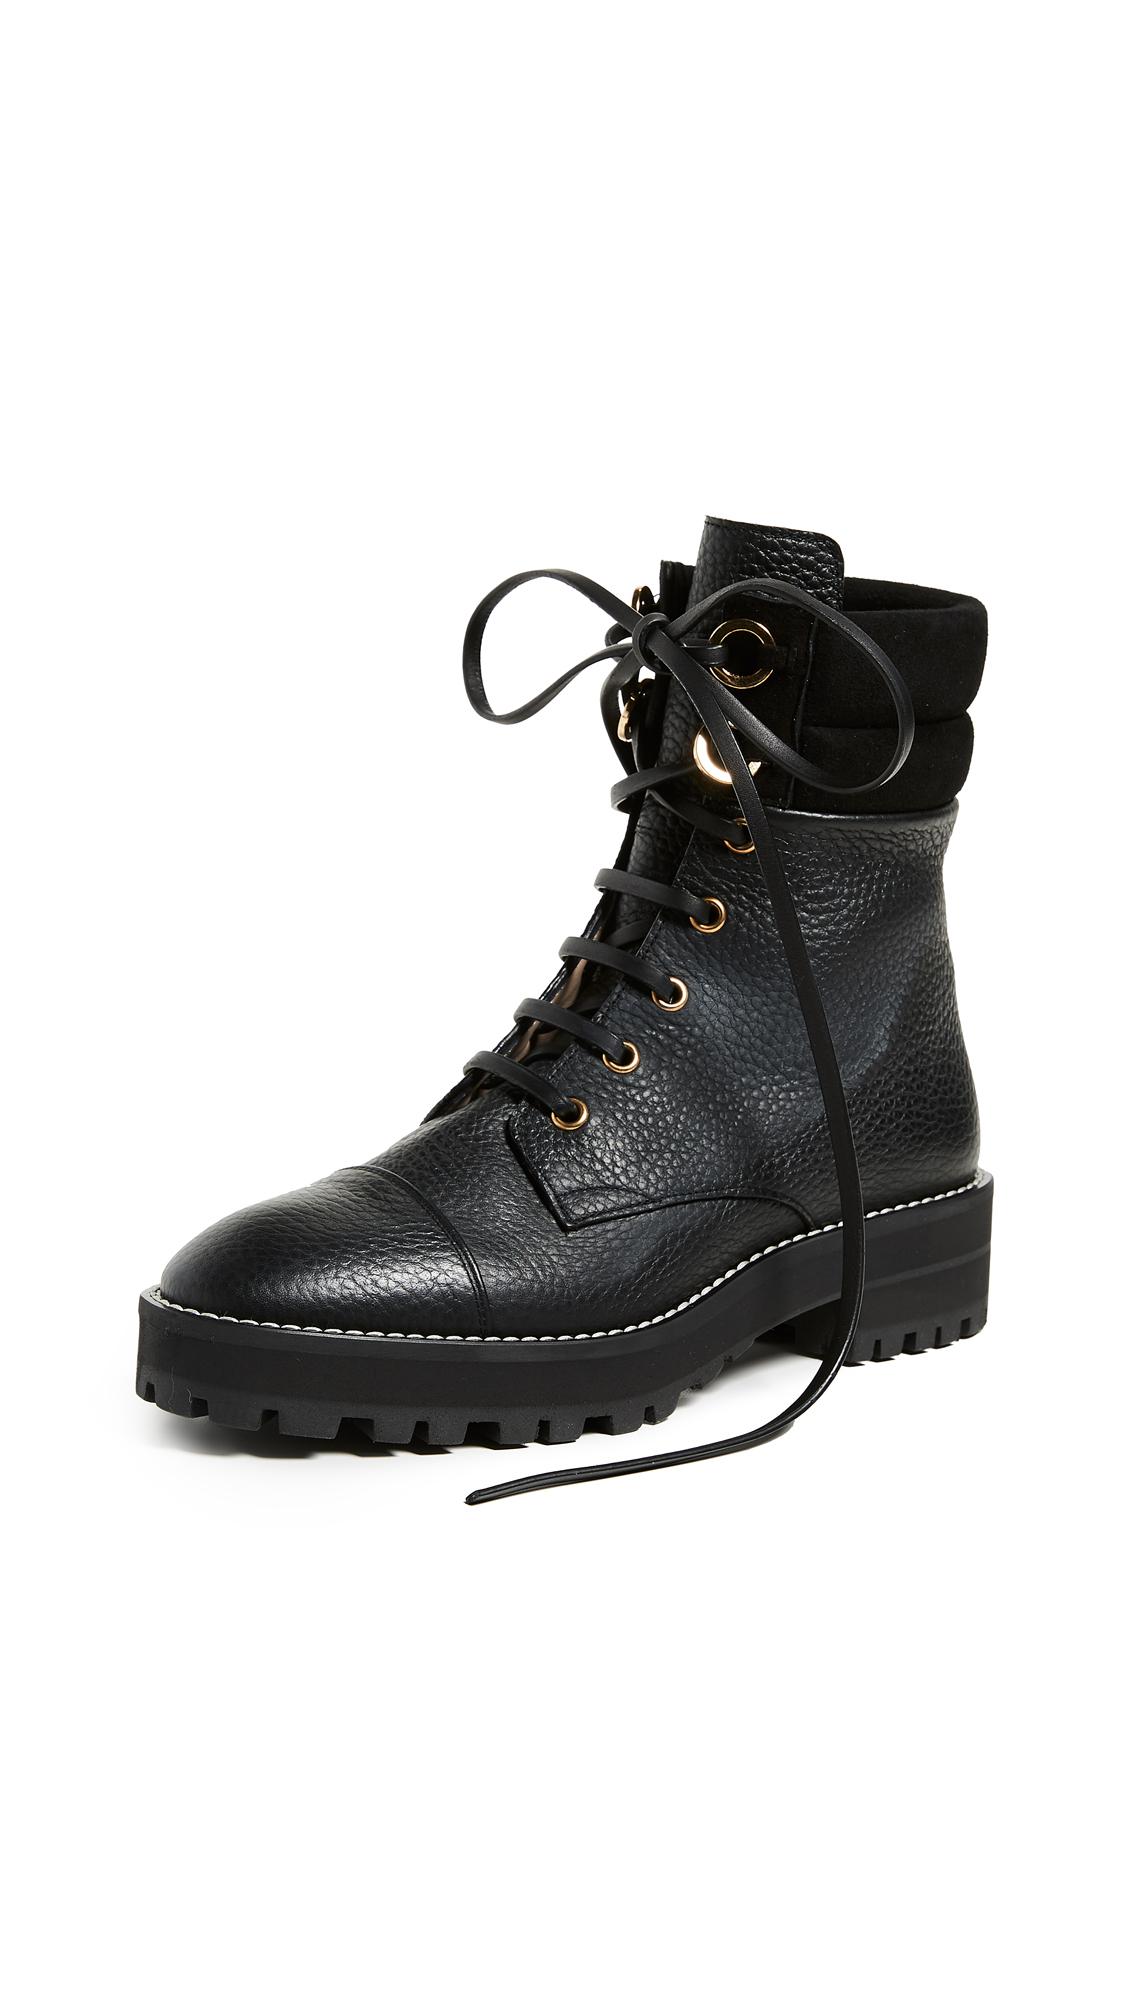 Stuart Weitzman Lexy Boots - Black